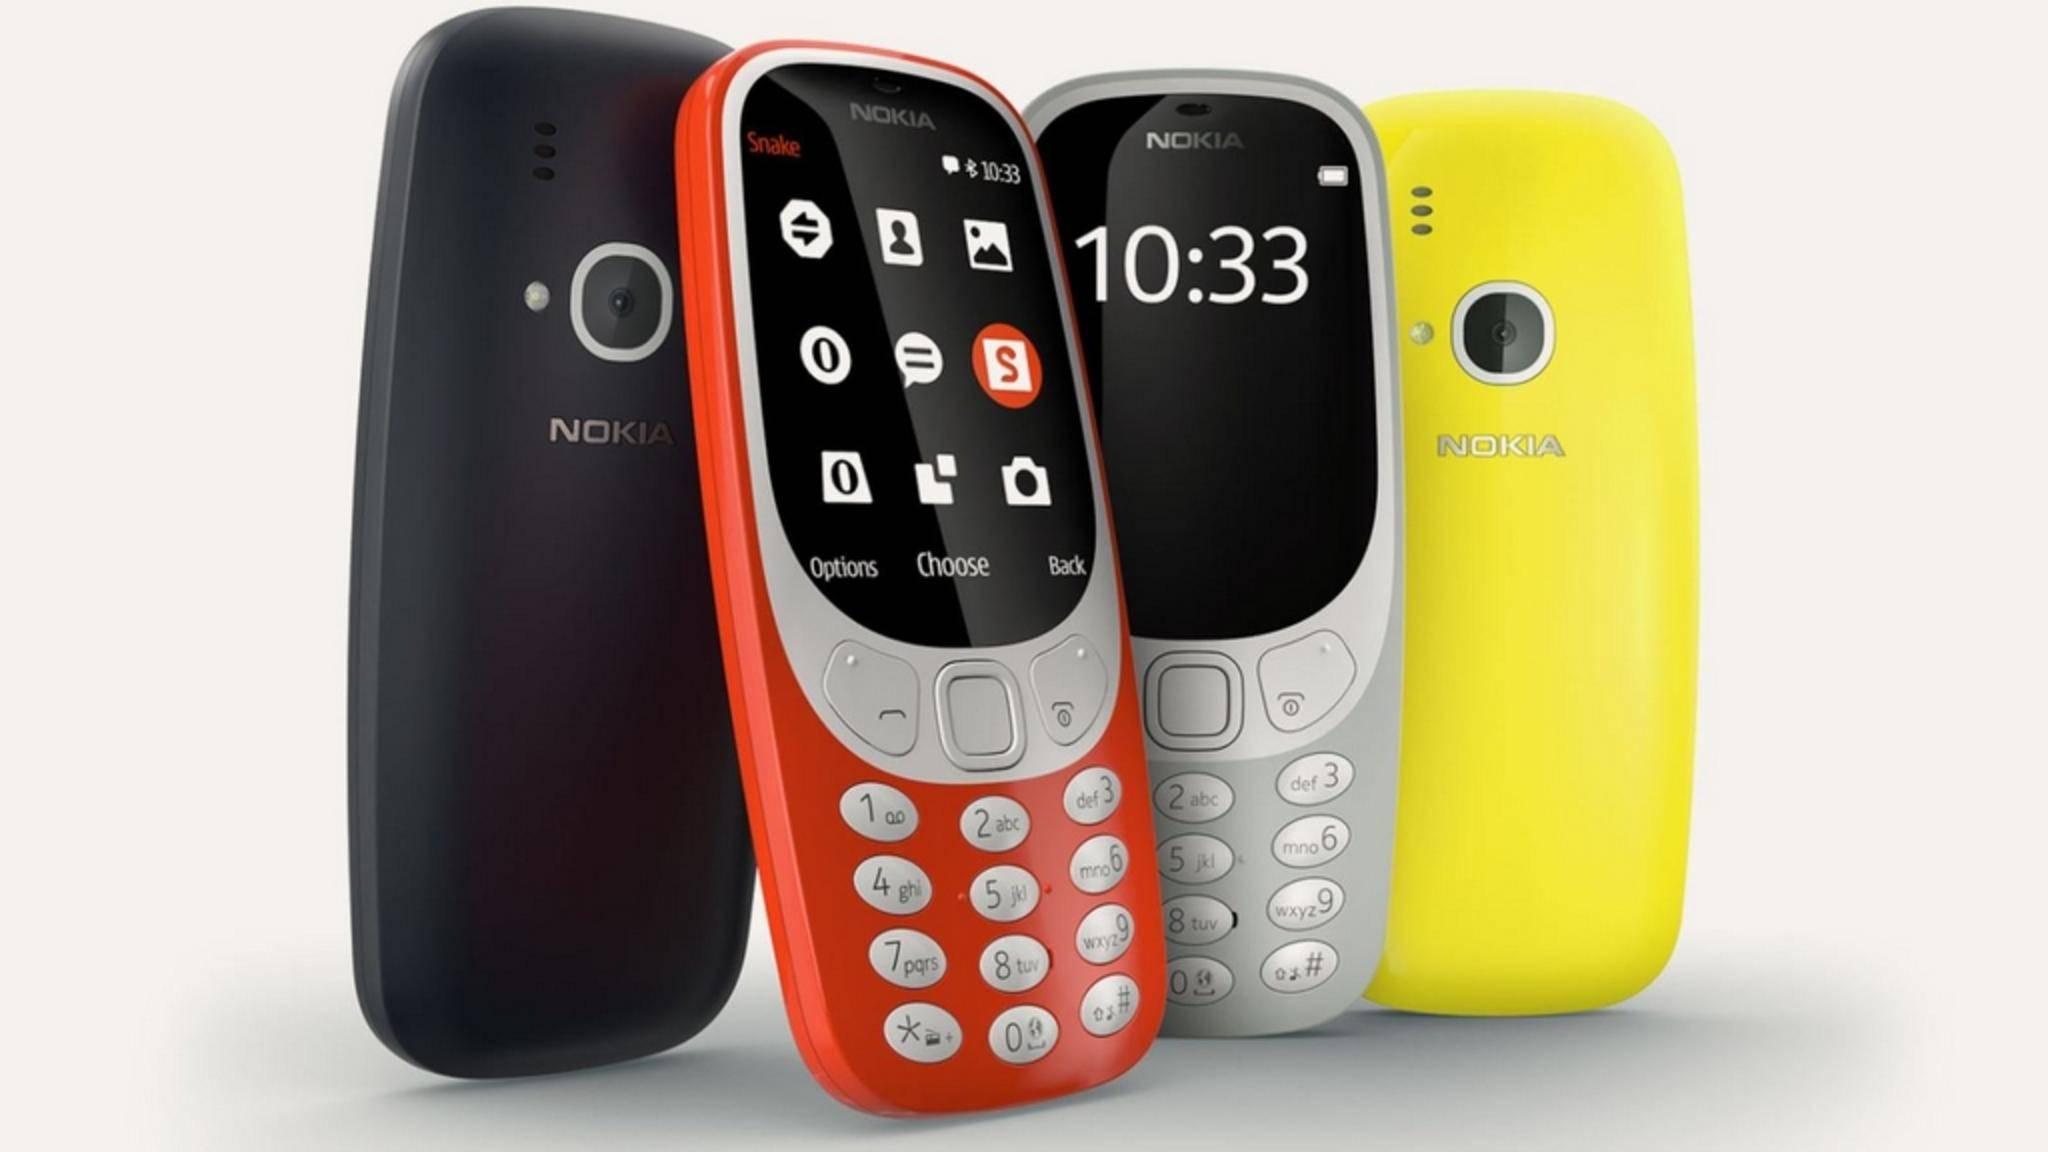 Nach der Neuauflage des Nokia 3310 bringt Nokia ein weiteres Tastenhandy auf den Markt.